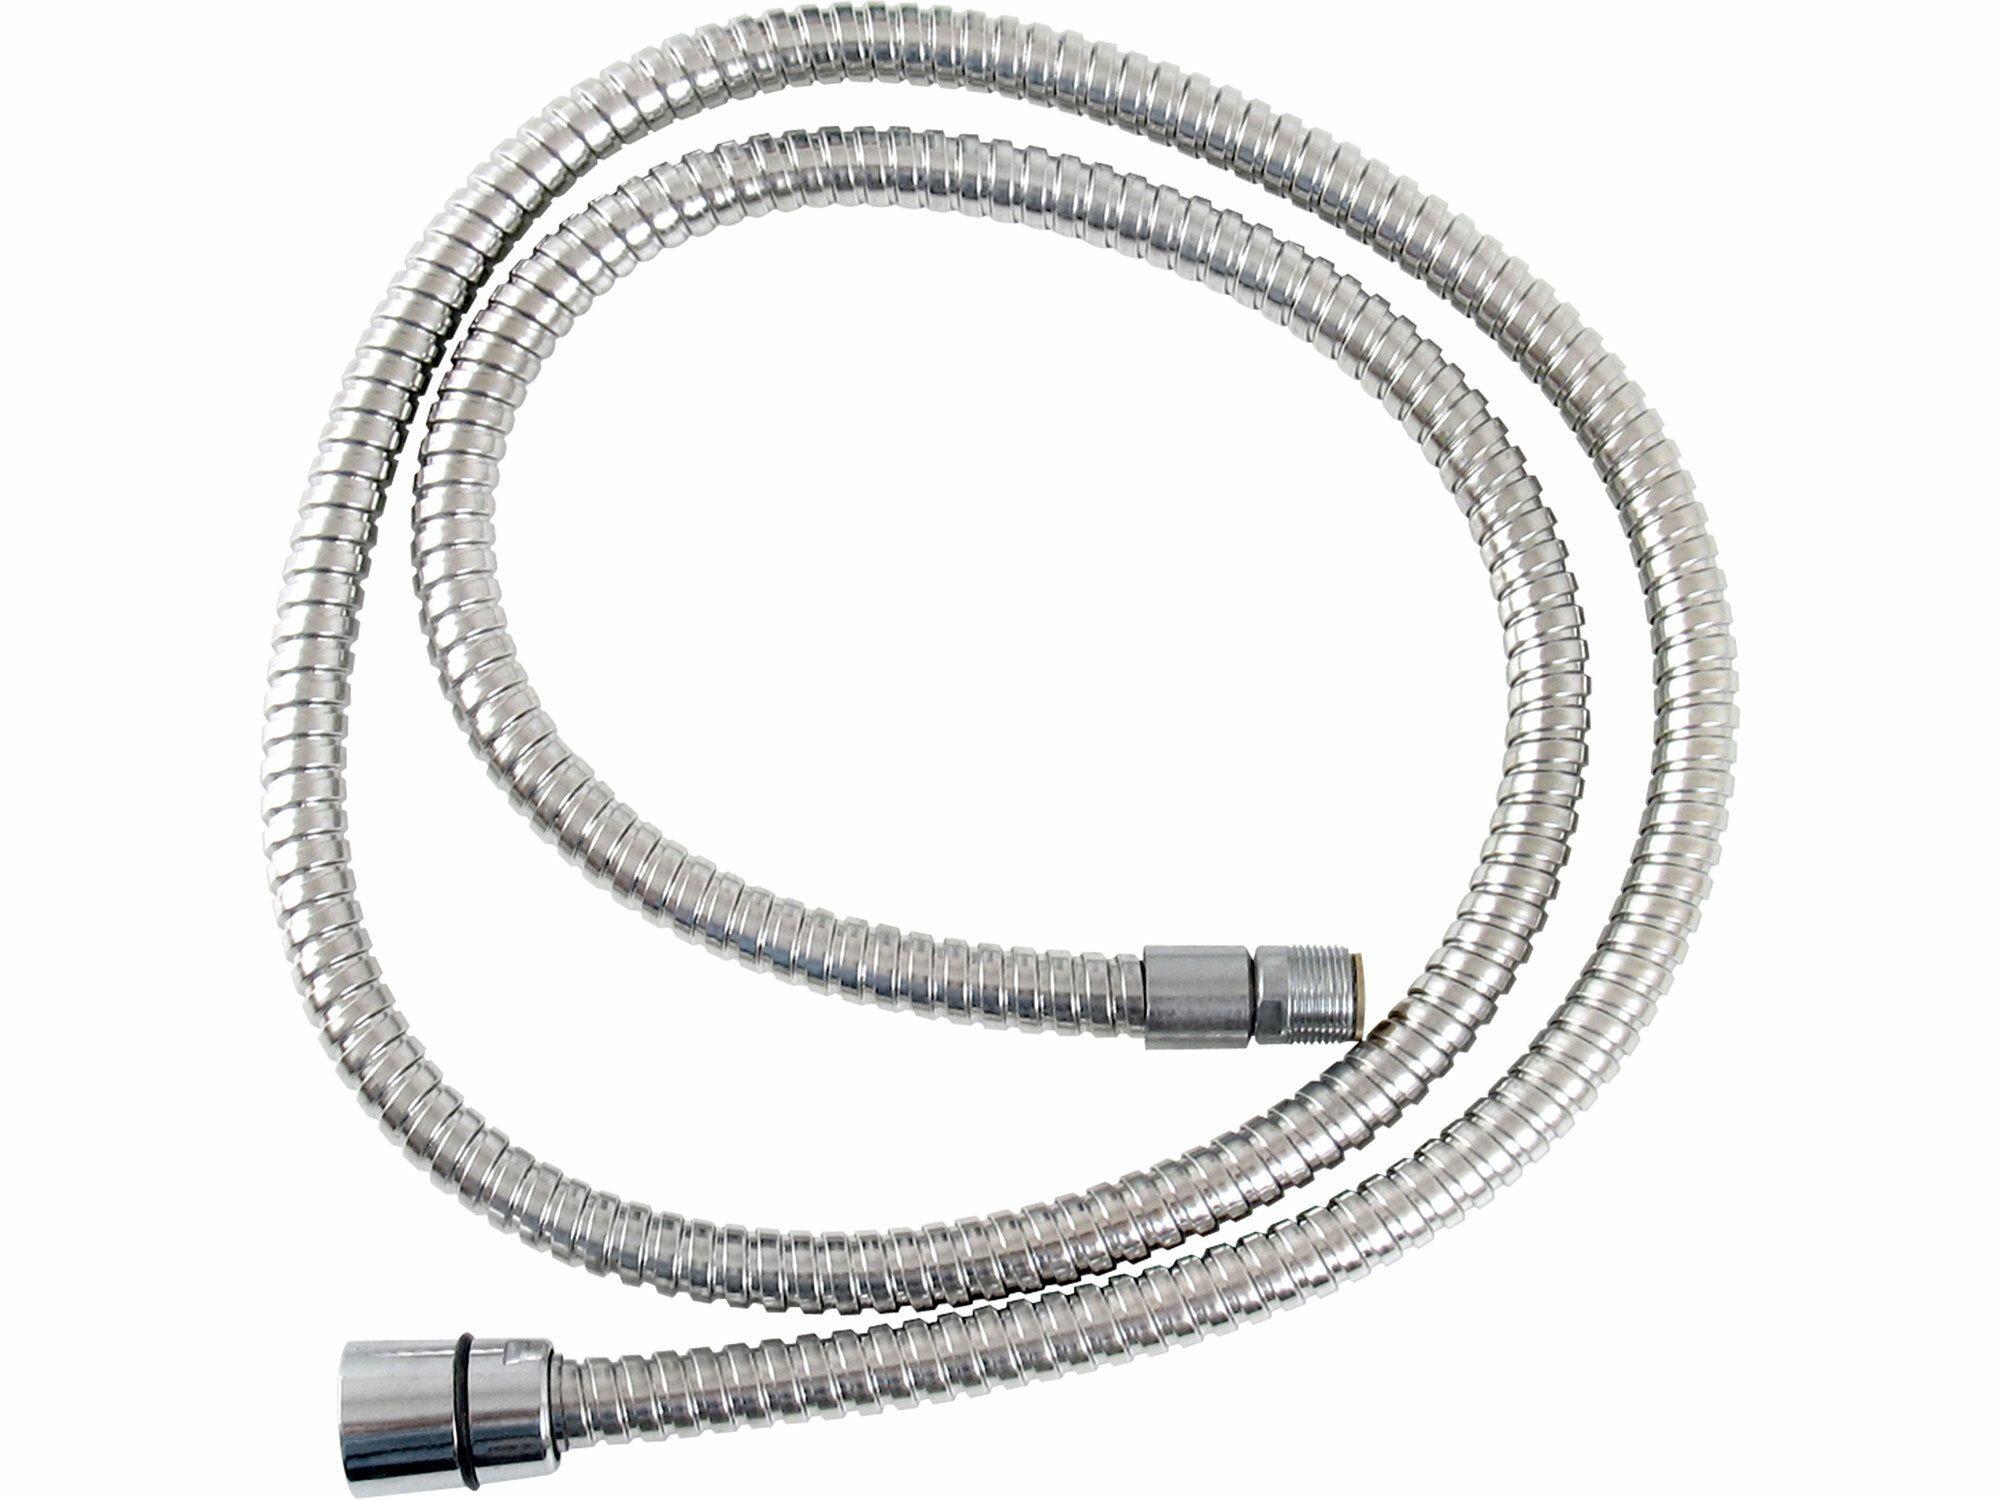 Hadice sprchová pro 81019, nerez, 150cm, lze použít pro 81019, 82019 a 83019, BALLETTO